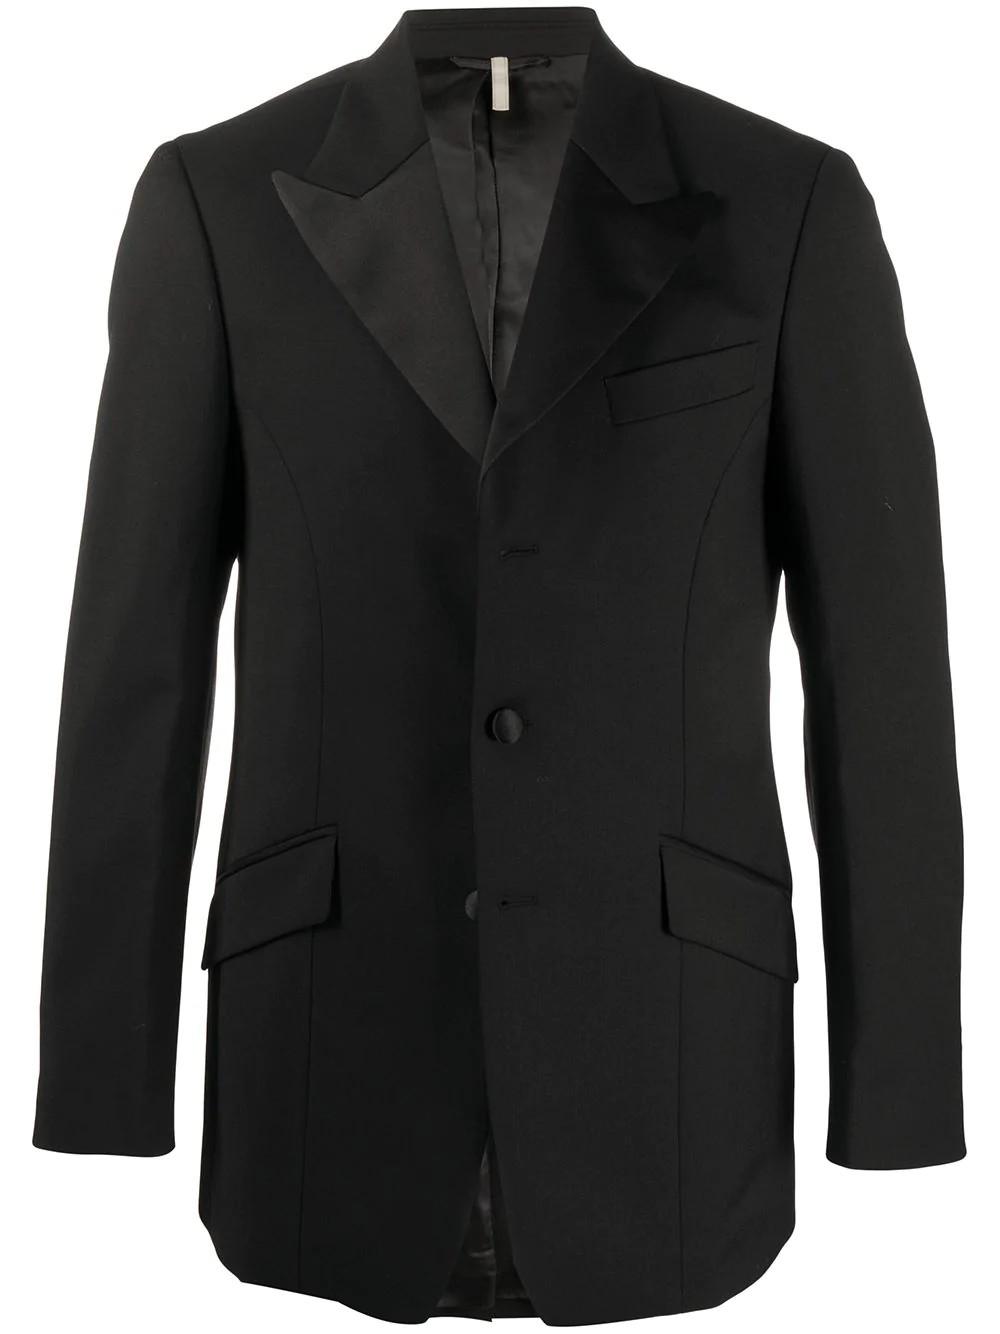 Jet Tuxedo jacket